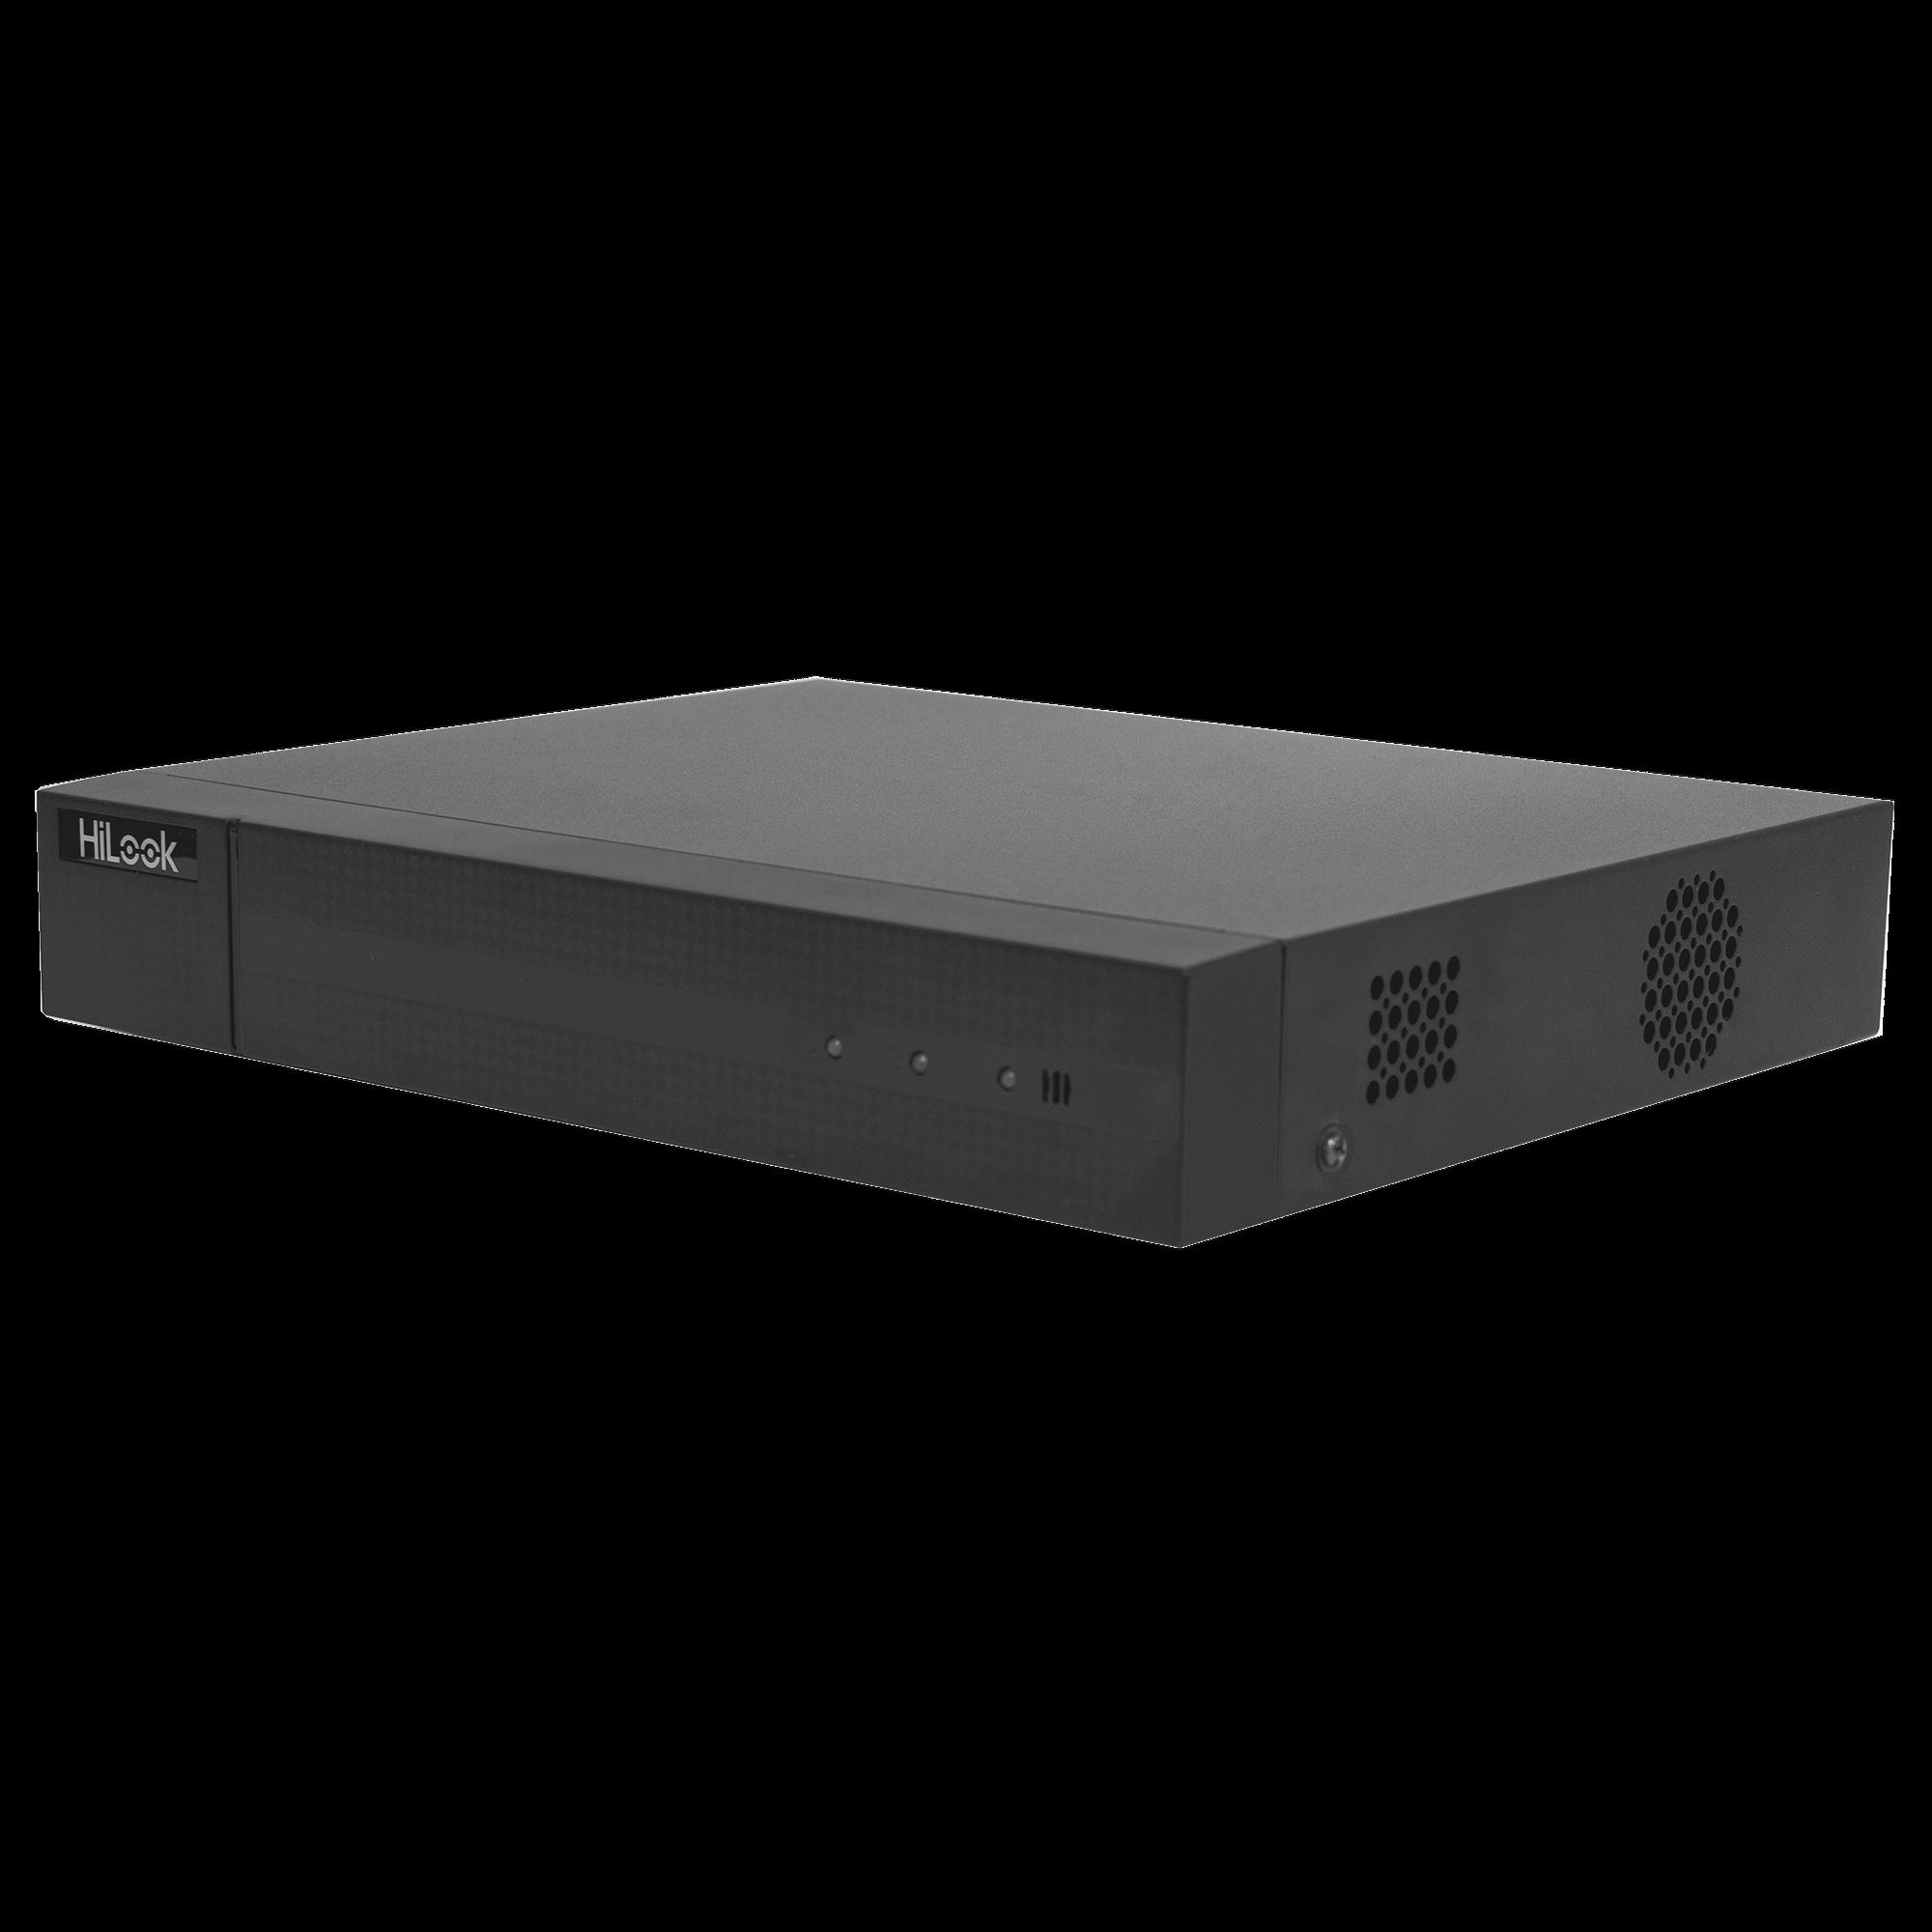 DVR 1080P Lite Pentahibrido / 8 Canales TURBOHD + 2 Canales IP / 1 Bahía de Disco Duro / H.264+ / 1 Canal de Audio / Salida de Vídeo Full HD